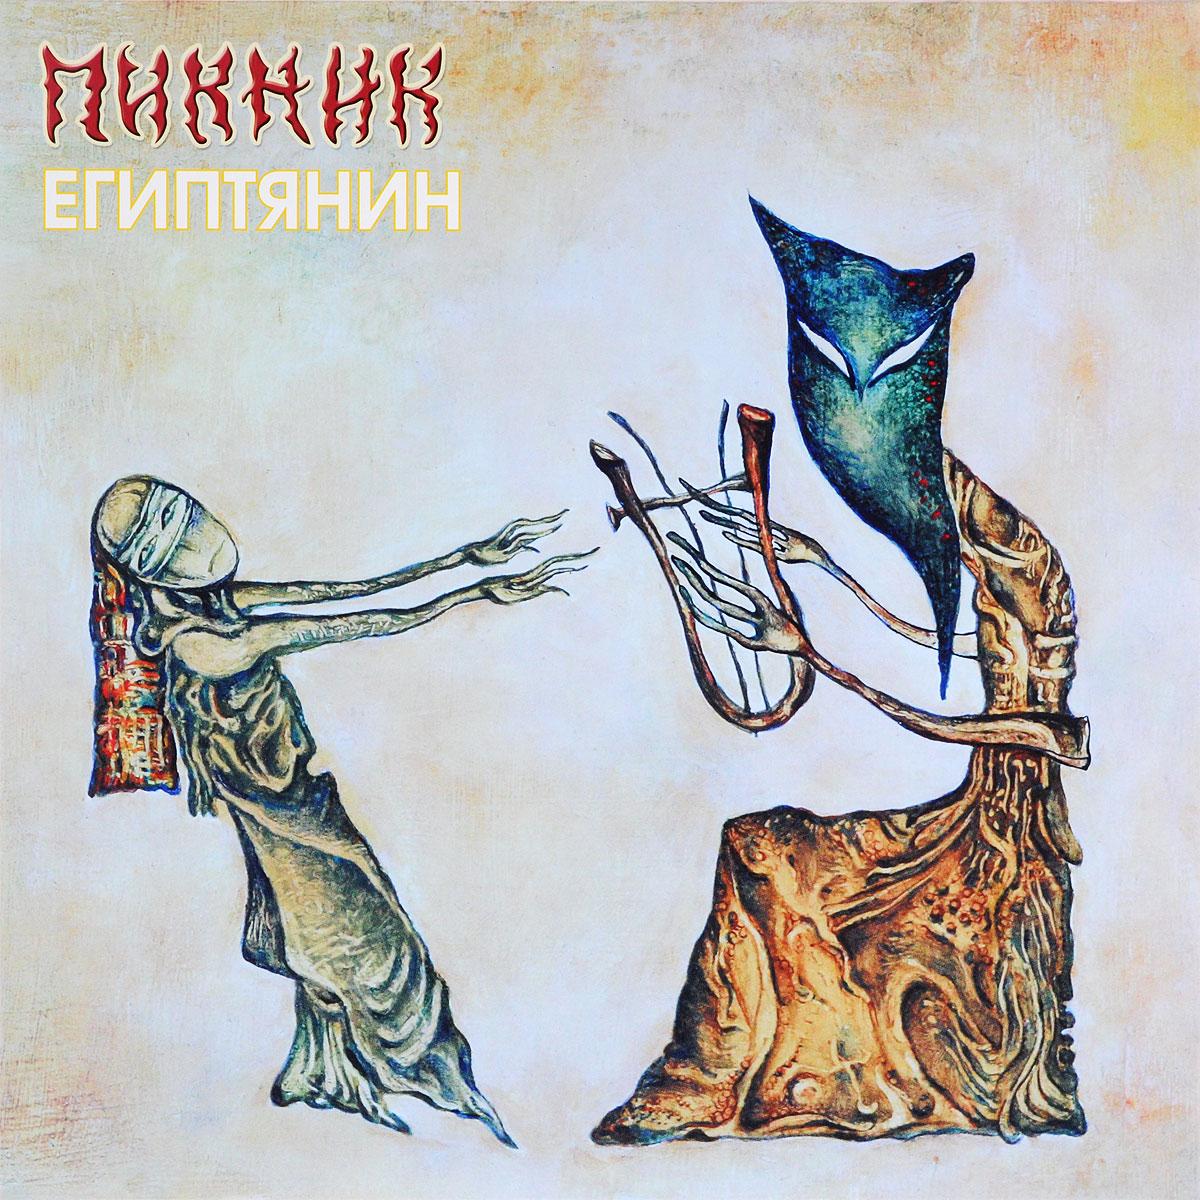 Пикник Пикник. Египтянин (LP)